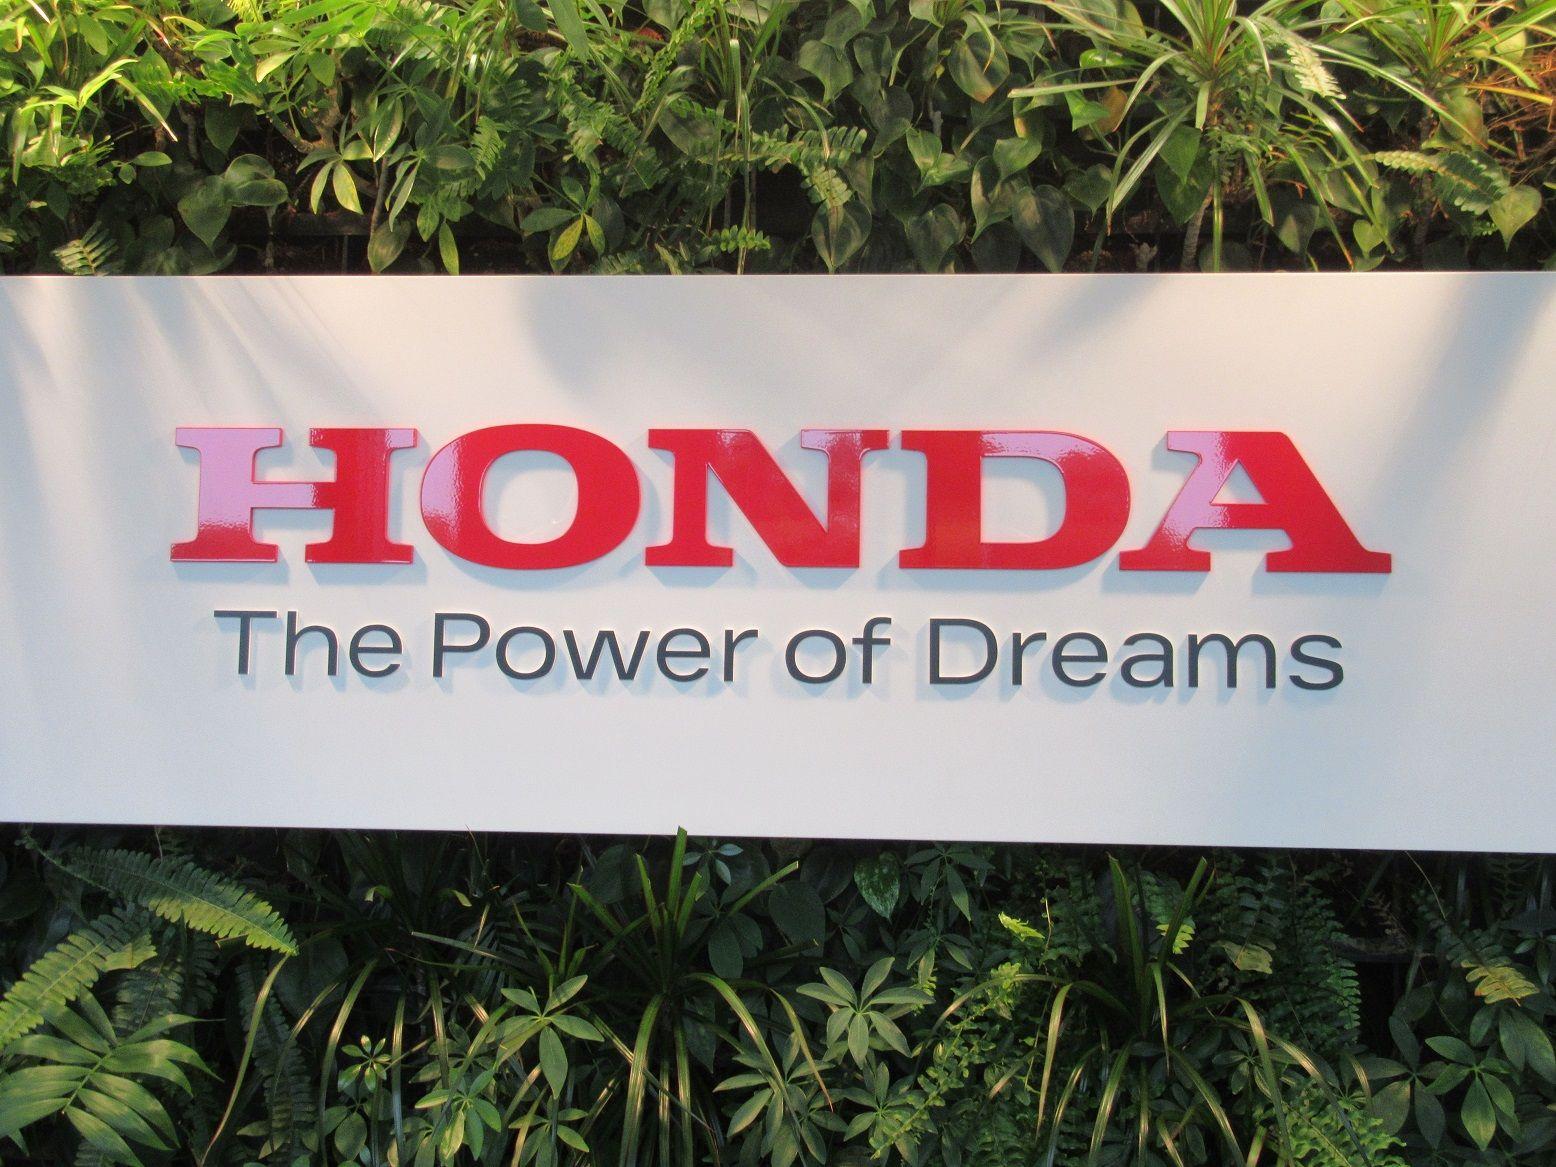 ホンダ、中国電池大手のCATLに出資 資本投入でリチウムイオン電池の安定供給へ